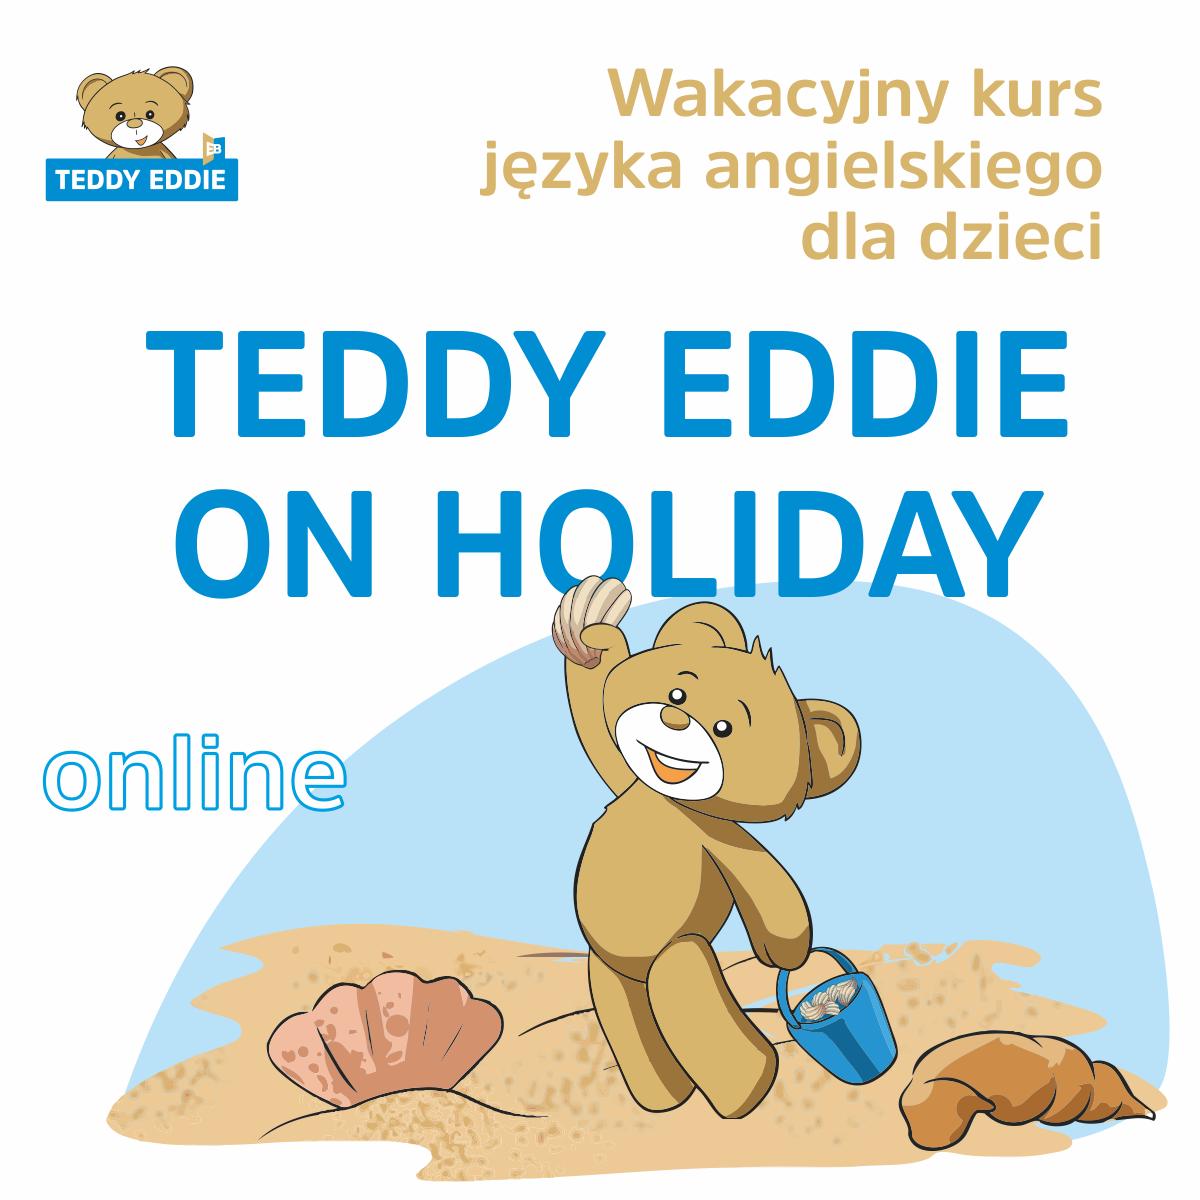 Wakacyjny kurs języka angielskiego dla dzieci